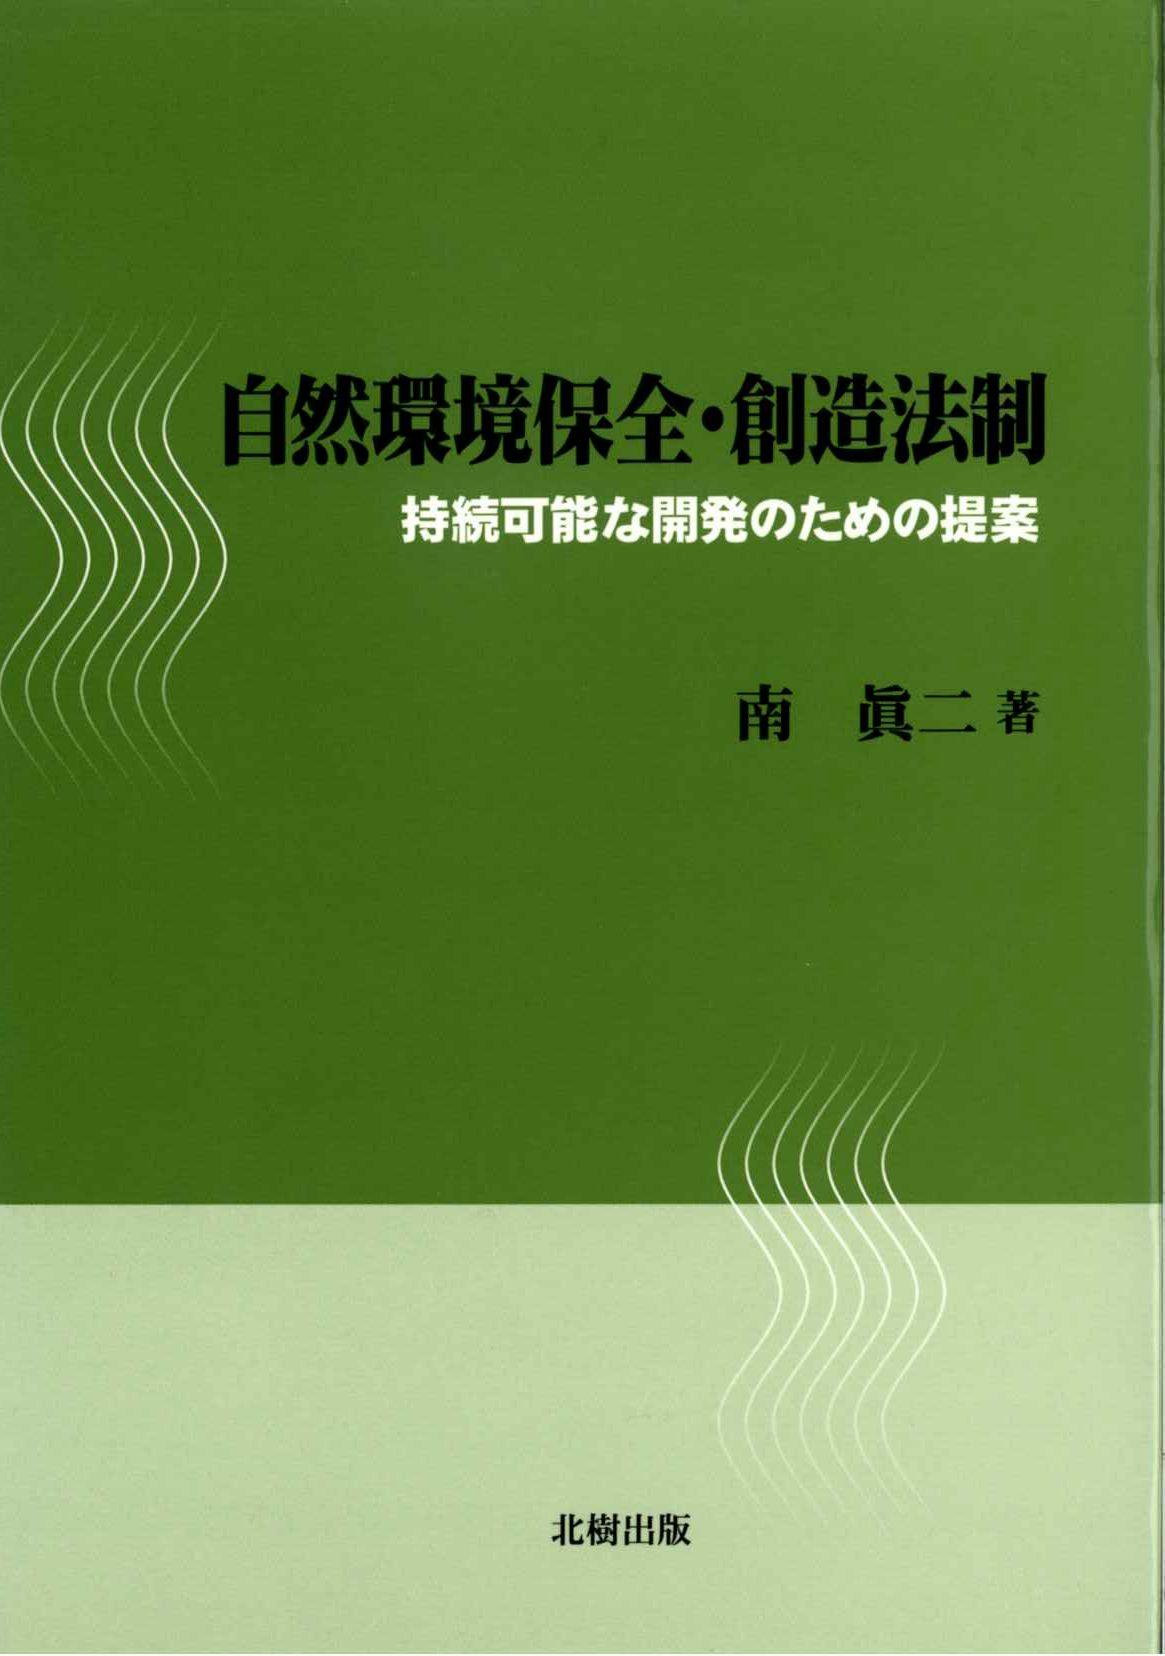 自然環境保全・創造法制